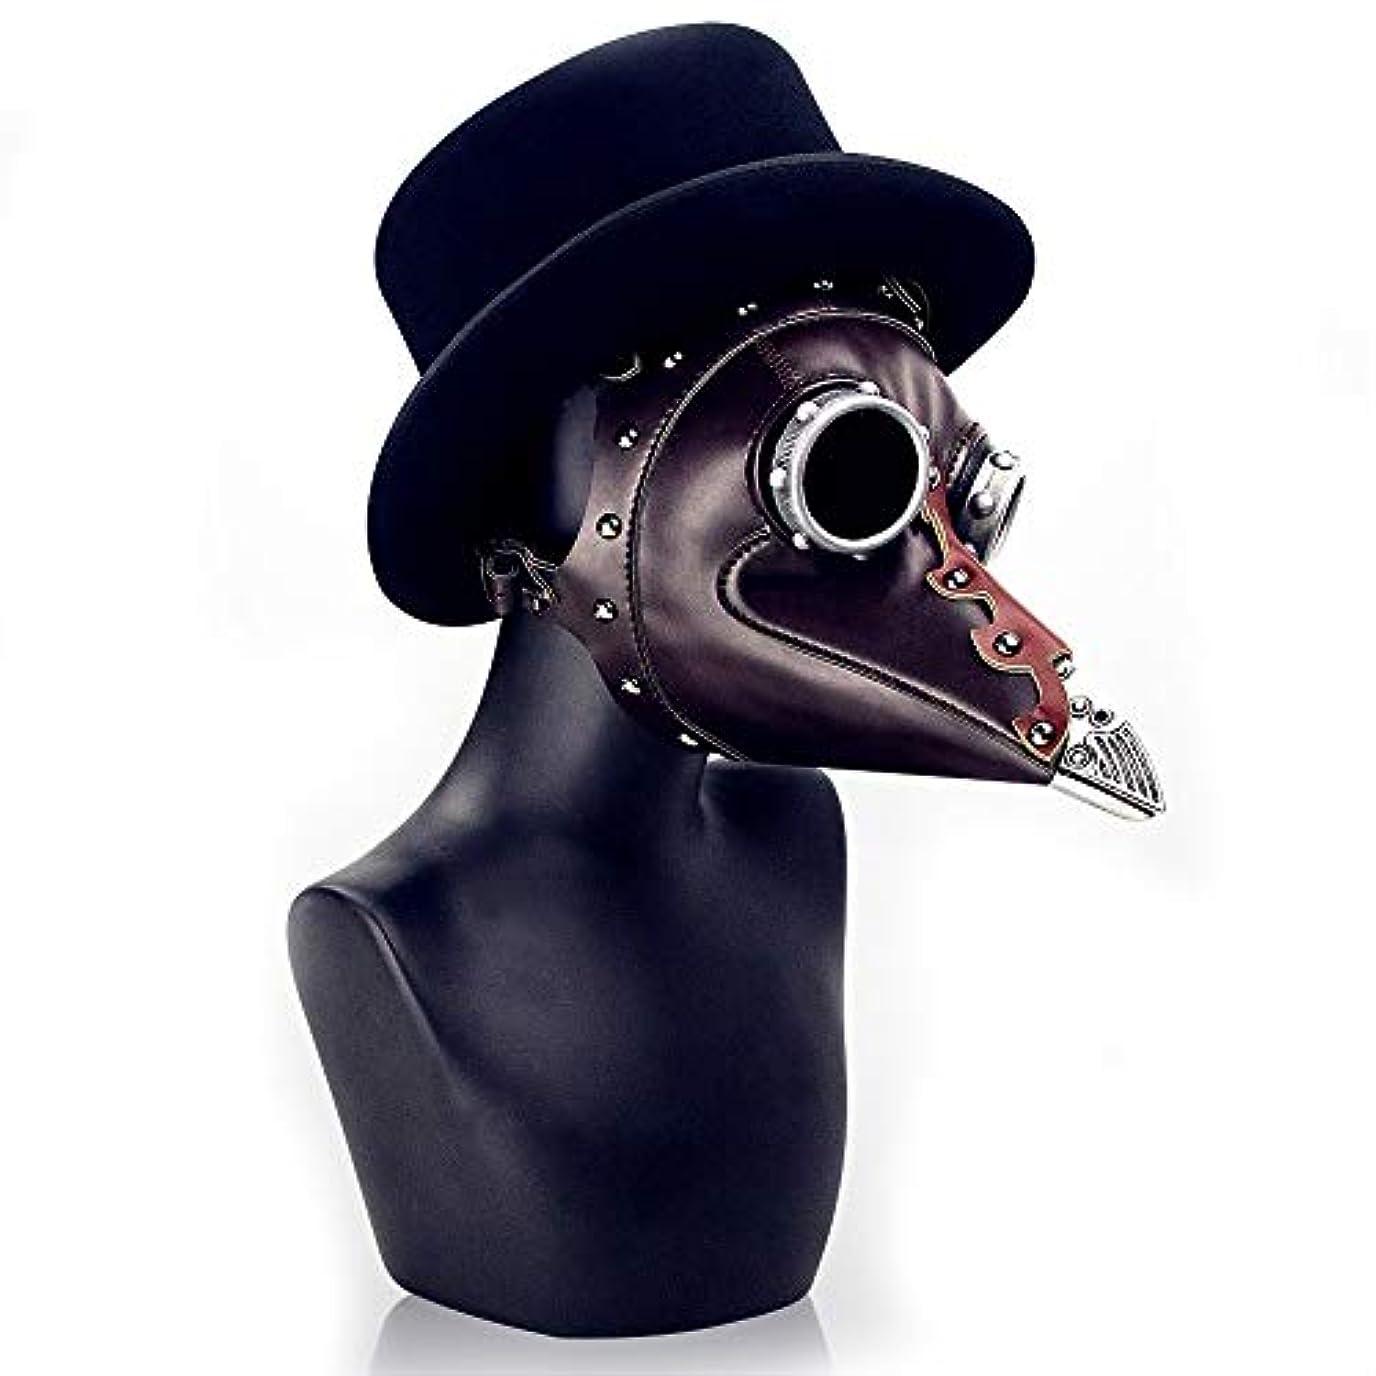 ベアリングピストン申込みスチームパンクなハロウィーンペストビークドクターマスク